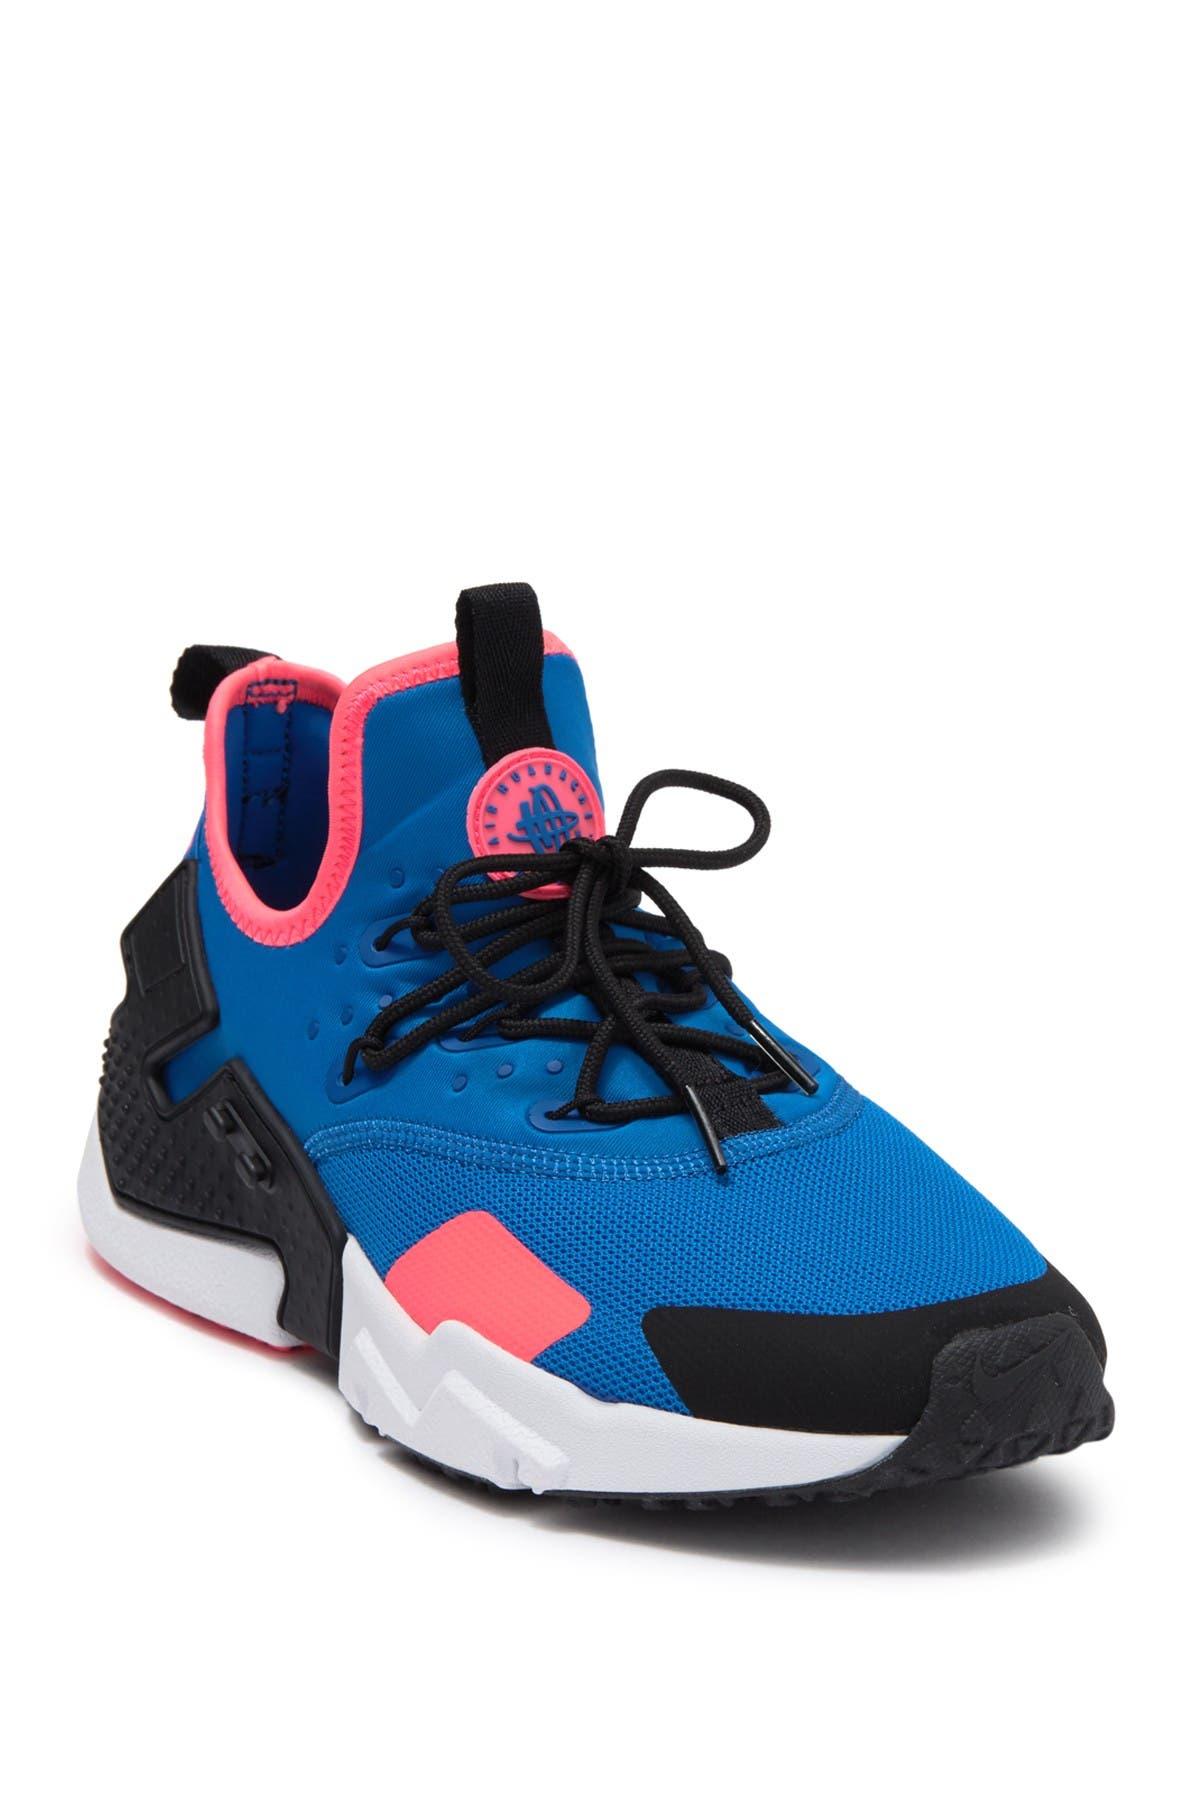 Nike | Air Huarache Drift Sneaker